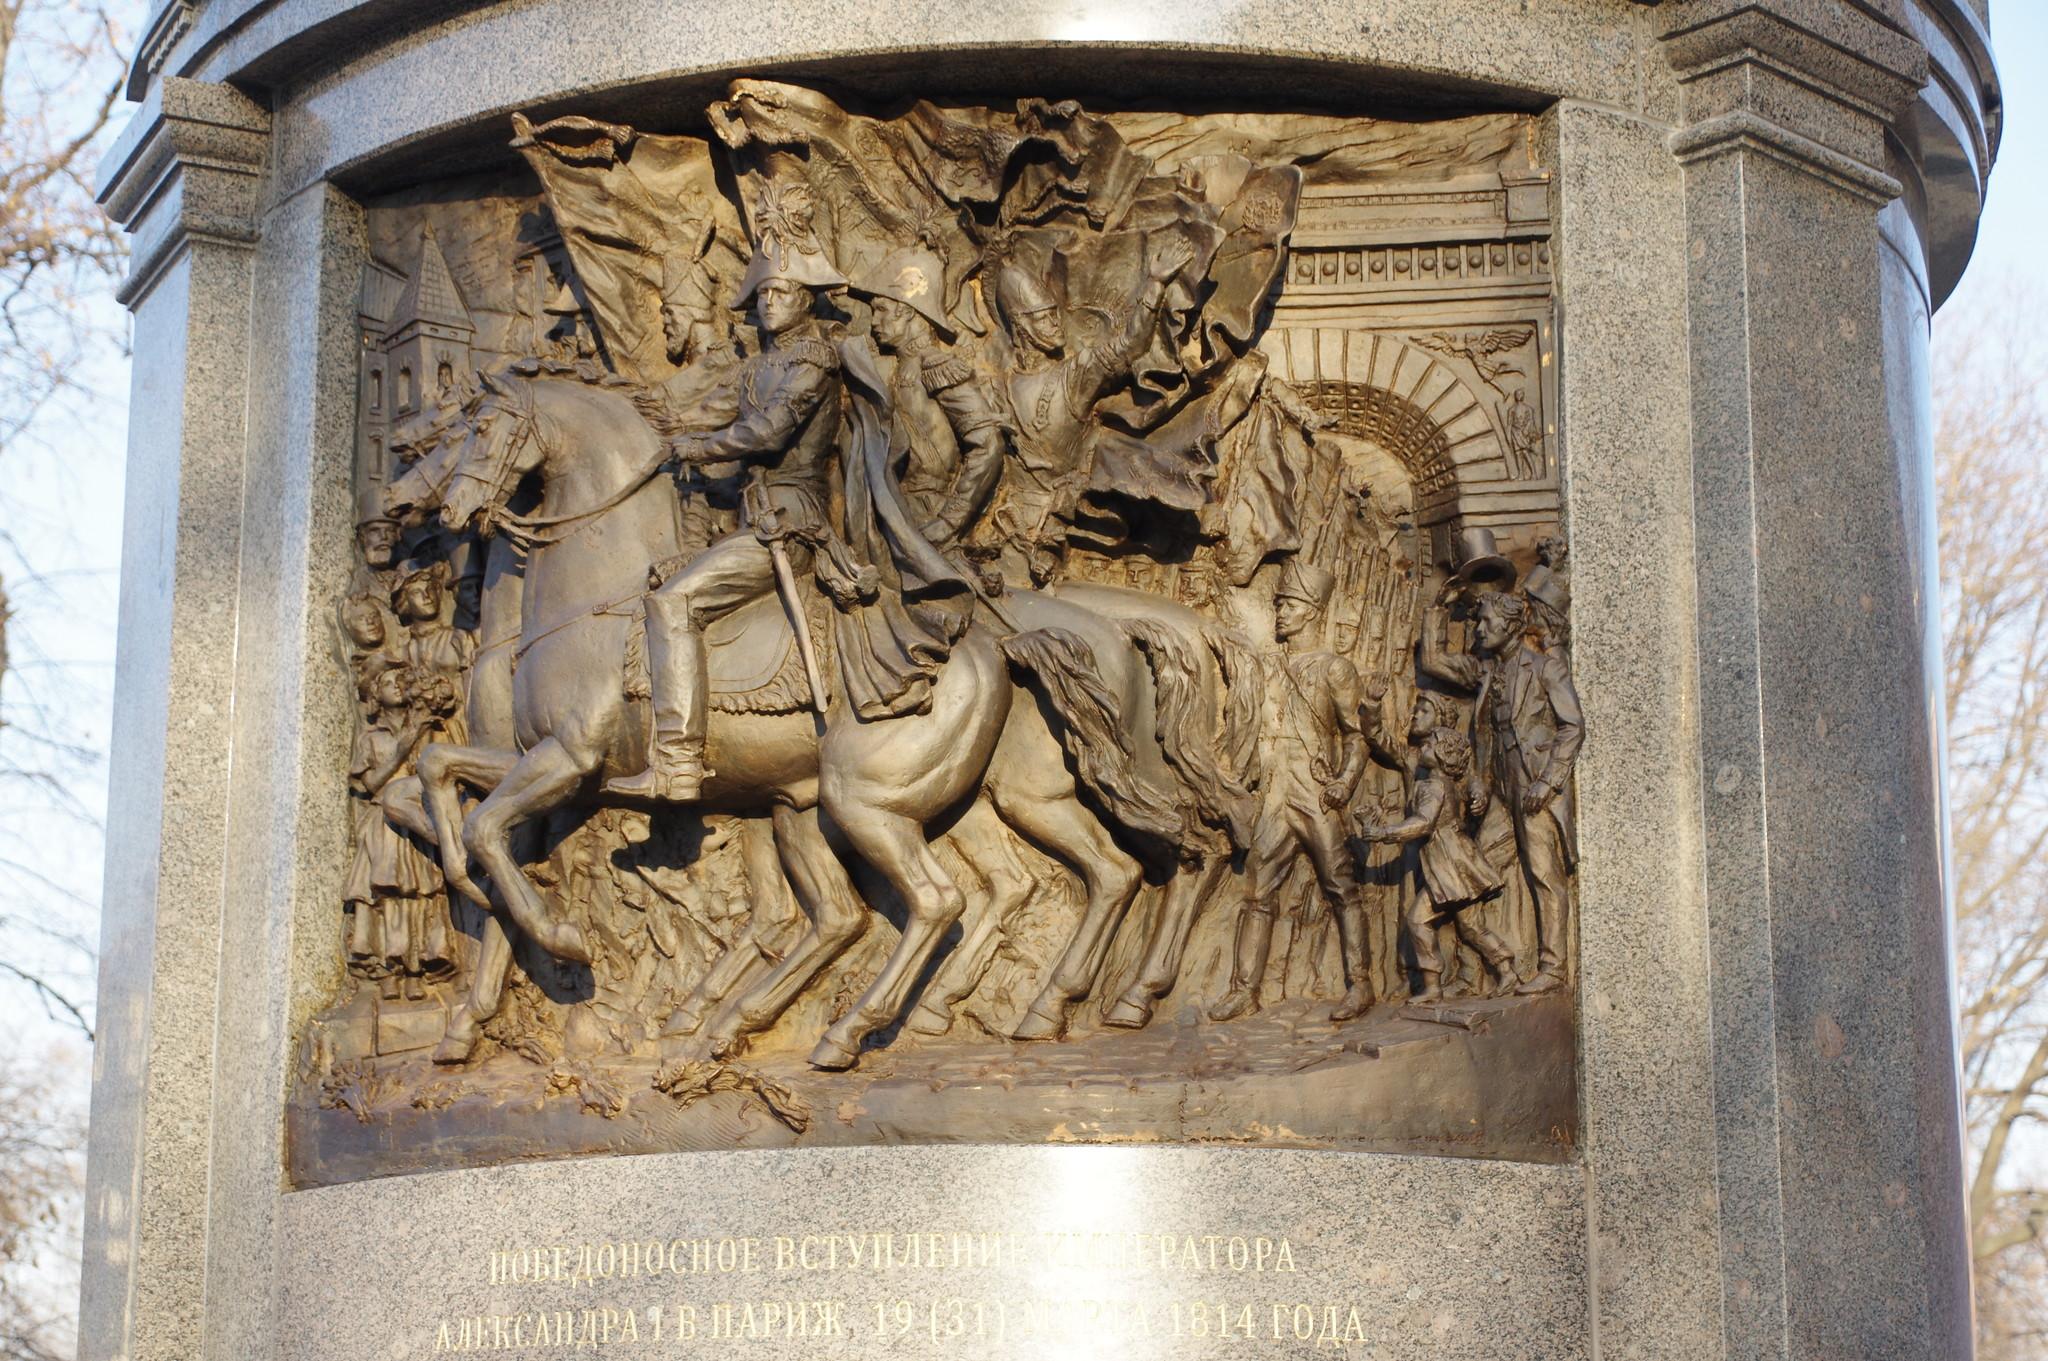 Победоносное вступление императора Александра I в Париж 19 (31) марта 1814 года